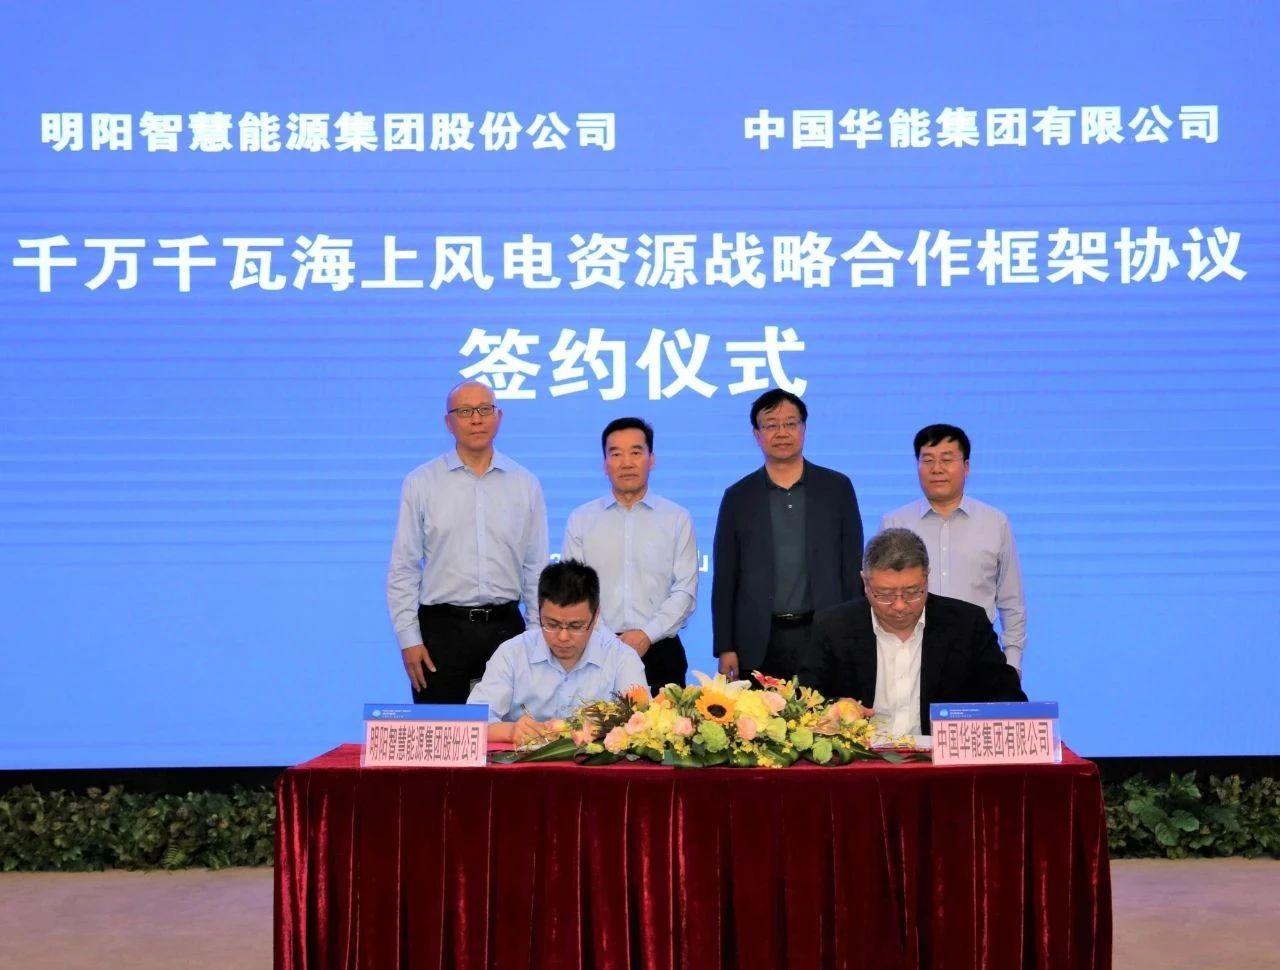 明阳智能与中国华能签署千万千瓦海上风电资源战略合作框架协议